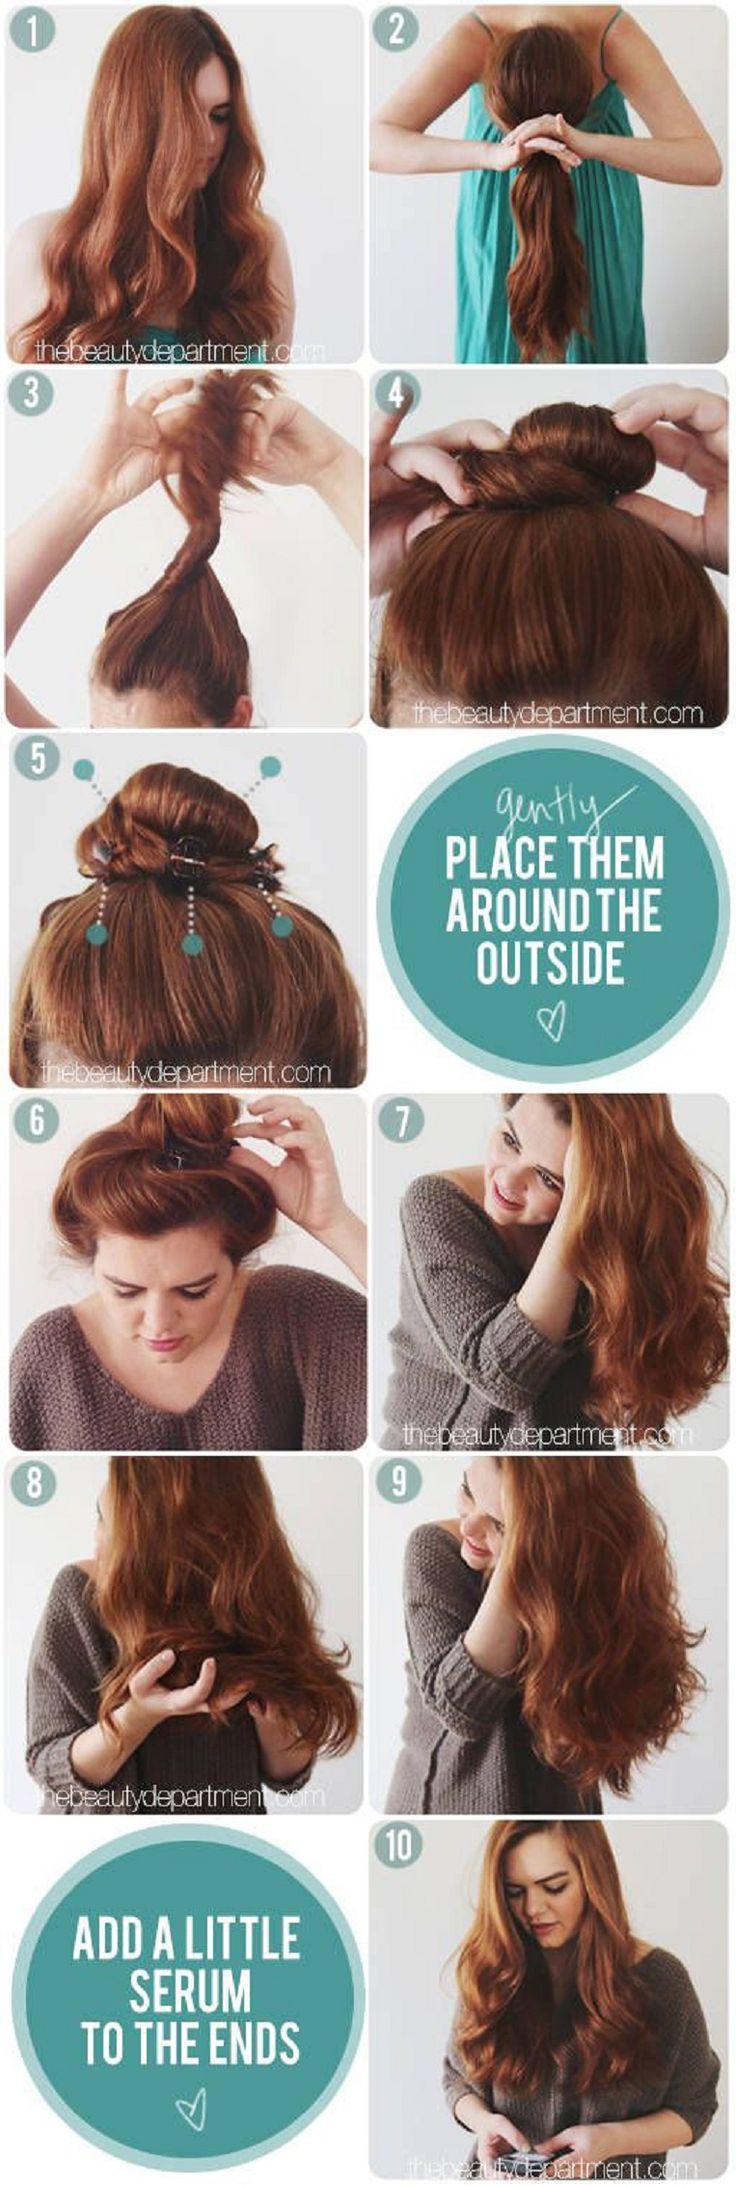 Bun Trick for Natural Curly Hair - 16 Perfect Beach Wavy Hair Tutorials | GleamItUp